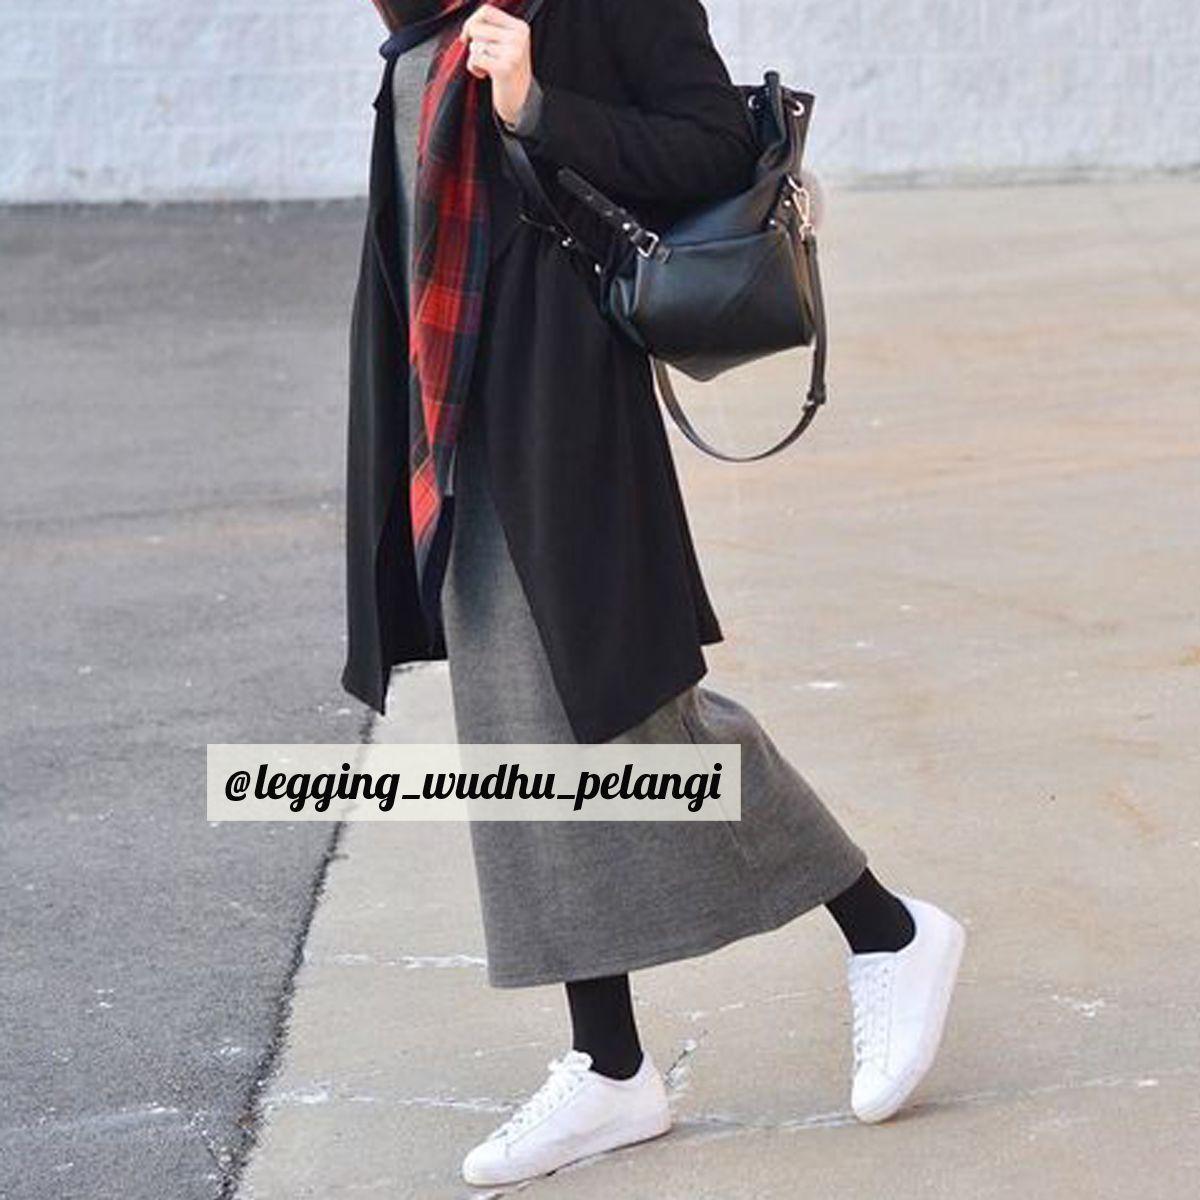 Legging Muslimah Legging Wudhu Muslimah Celana Hijab Celana Muslim Hijaber Hijab Style Celana Muslimah Legging Legging Wanita Leggin Baju Muslim Celana